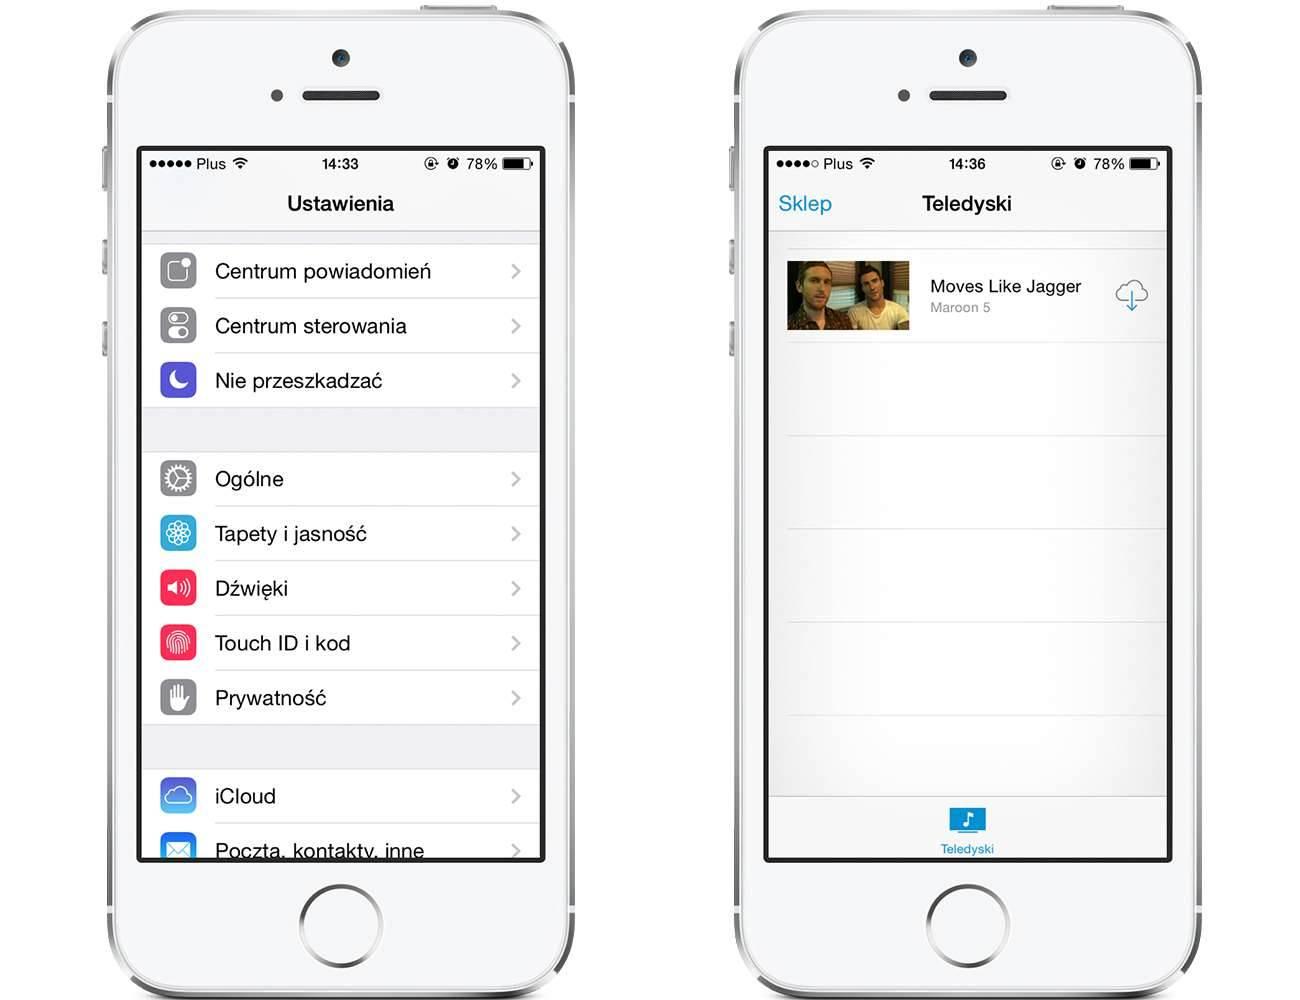 iOS 7.1 beta 2 - lista zmian polecane Update, OTA, Oprogramowanie, iPhone, iPad, iOS7.1b2, iOS7.1 beta2, iOS7.1, iOS 7.1 beta 2, iOS 7 beta2, iOS, Apple, Aktualizacja, 11D5115d  W piątek Apple udostępniło nową wersję systemu iOS 7.1 która oznaczona jest jako build 11D5115d. Poniżej znajdziecie listę zmian jakie zauważyłem w stosunku do poprzedniej bety. Wpis jest aktualizowany na bieżąco także zapraszam do częstego odwiedzania strony. b2.41